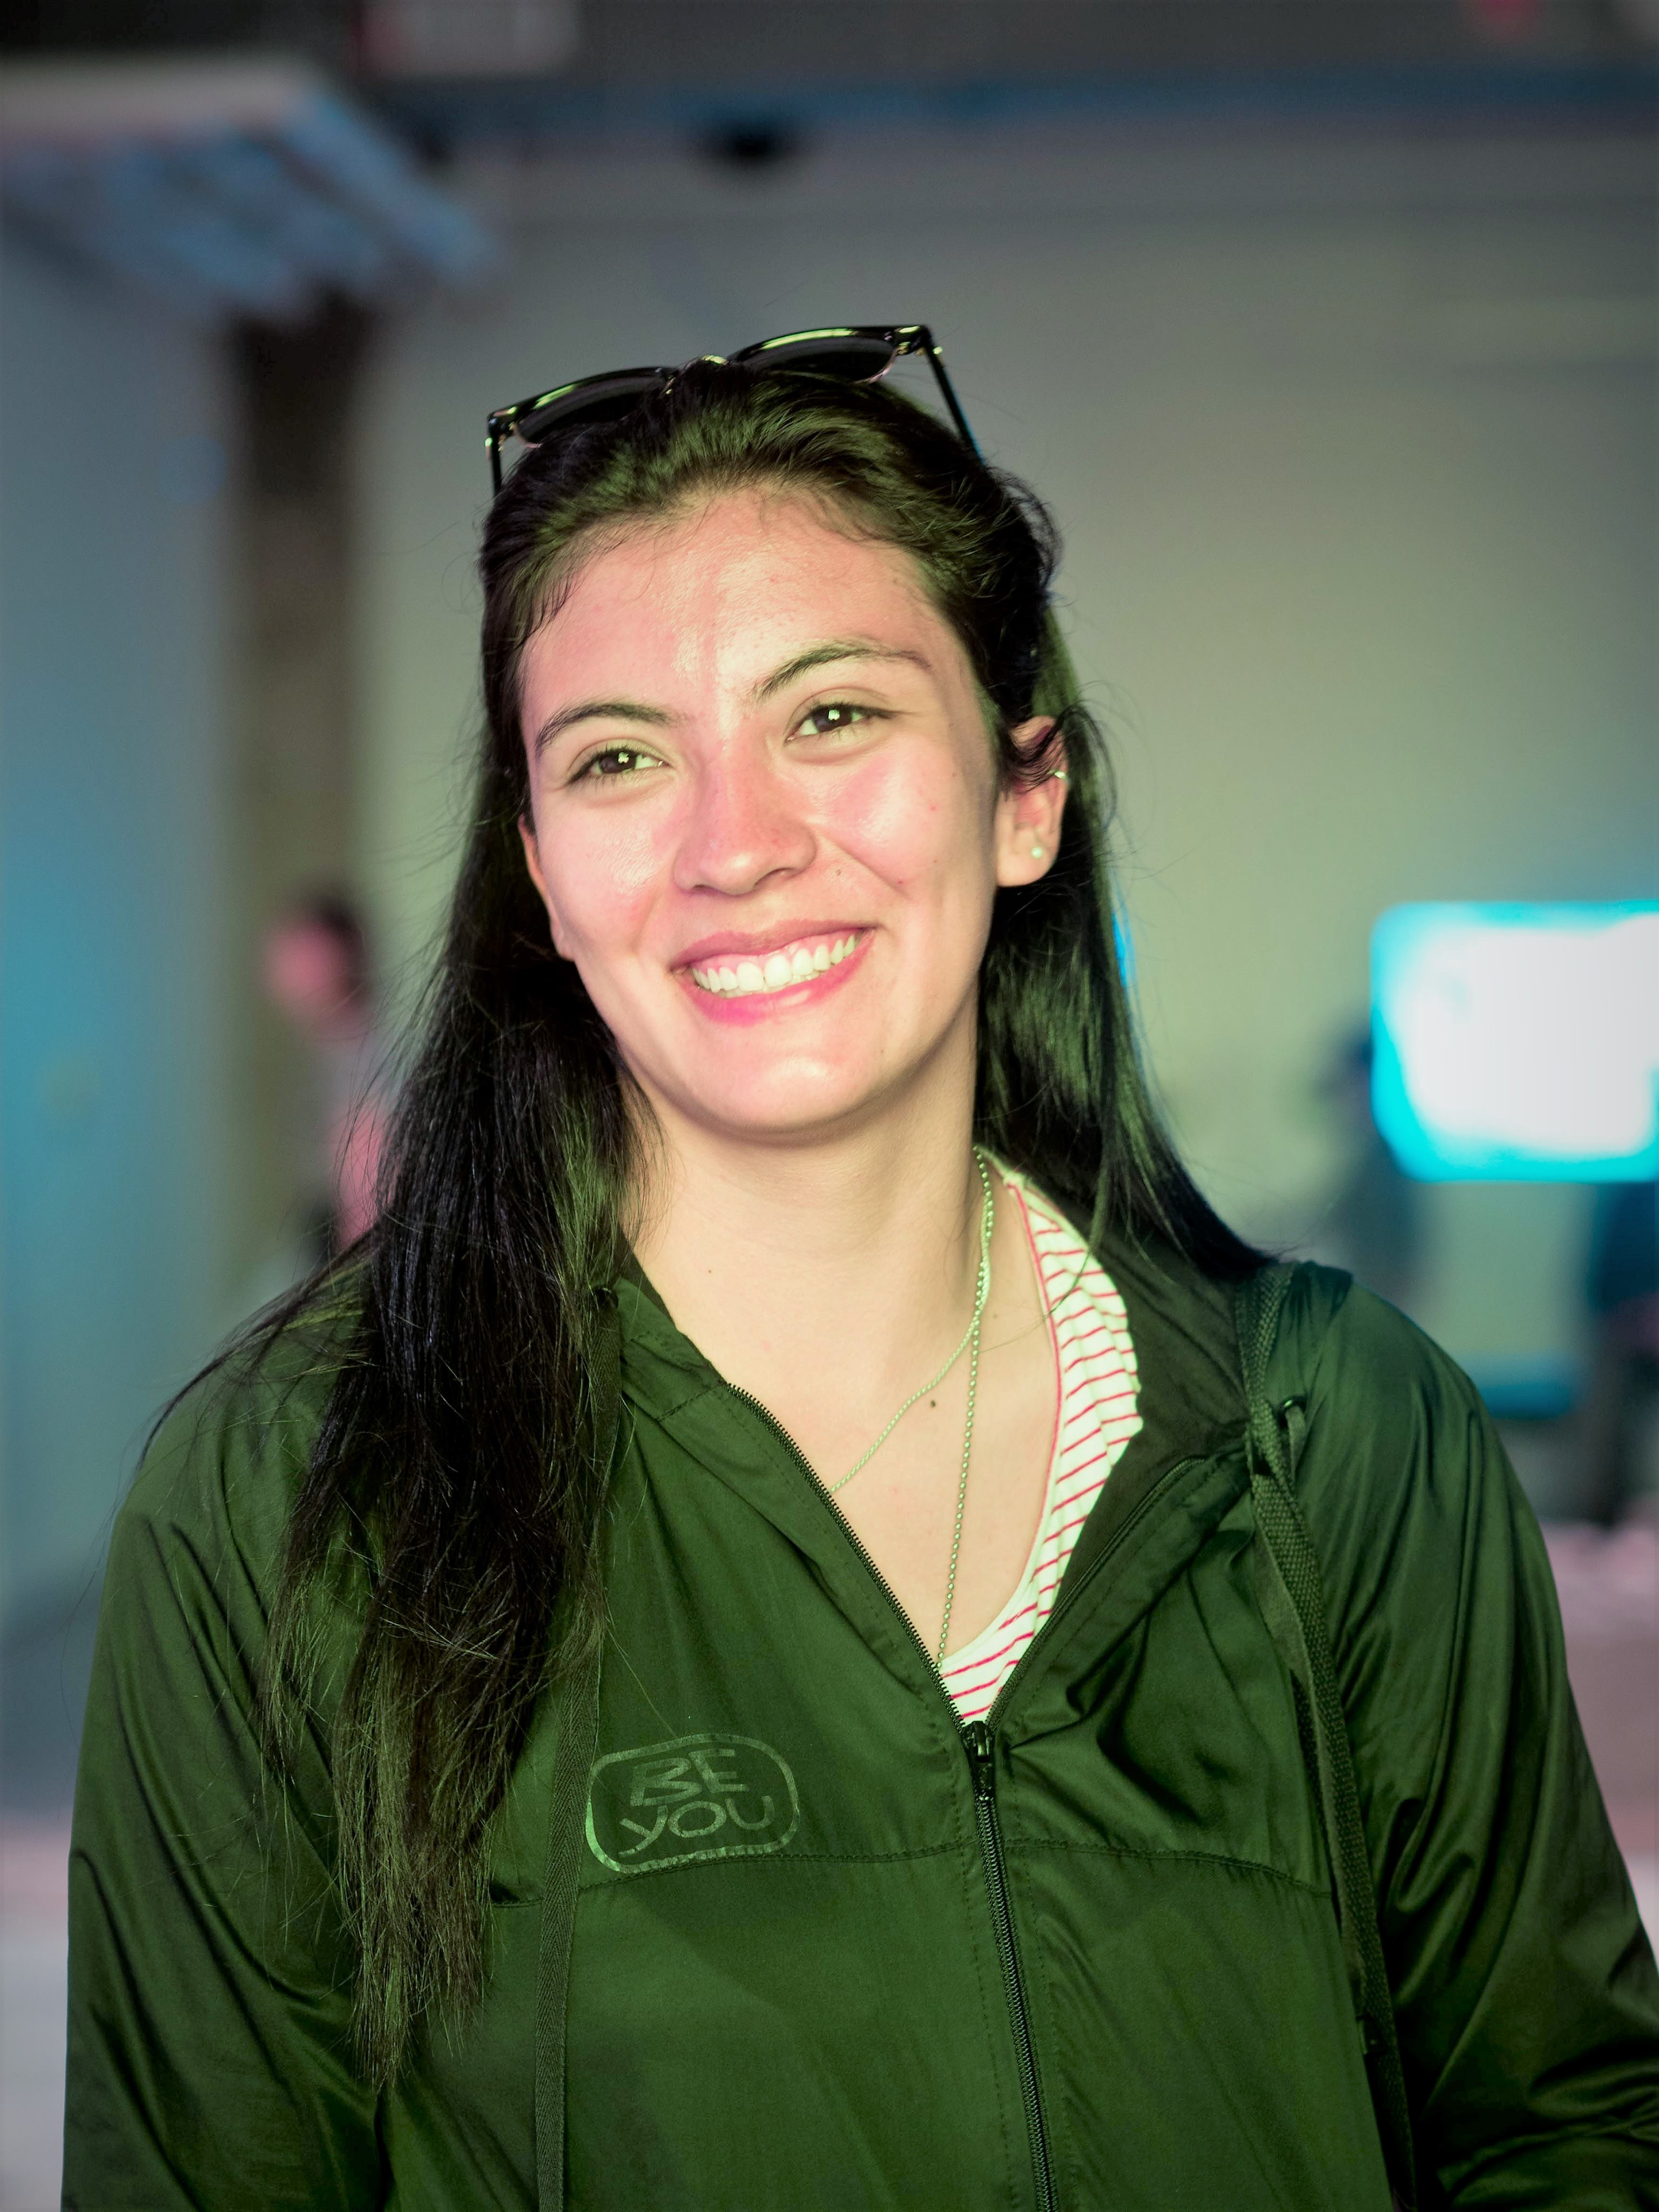 Photo of Raquel Serrano, TRIN